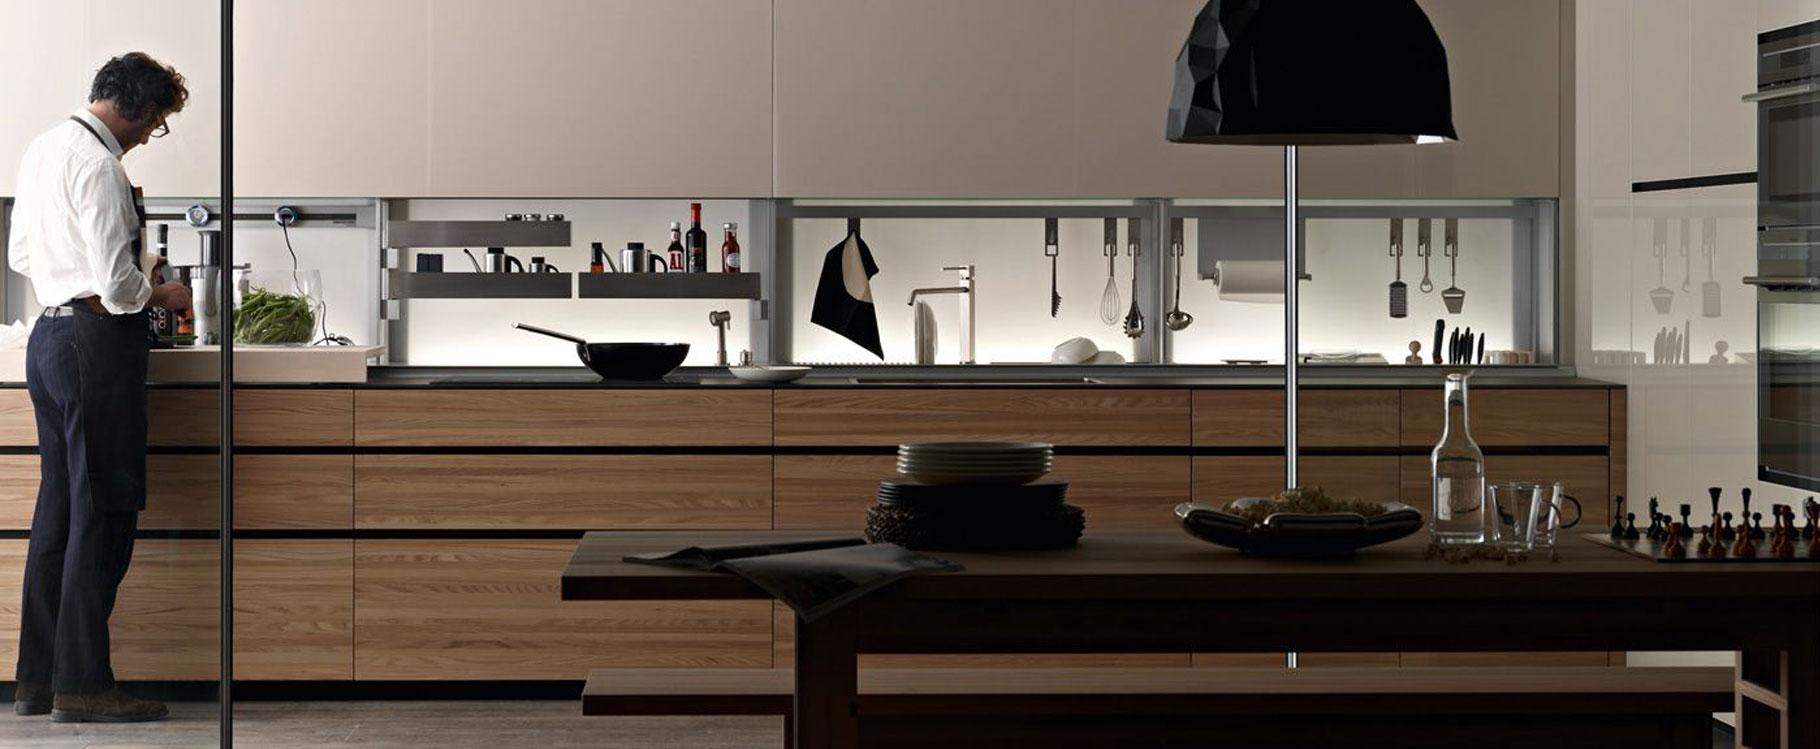 Cucine vetro Saronno, Rivenditori Cucina vetro Saronno